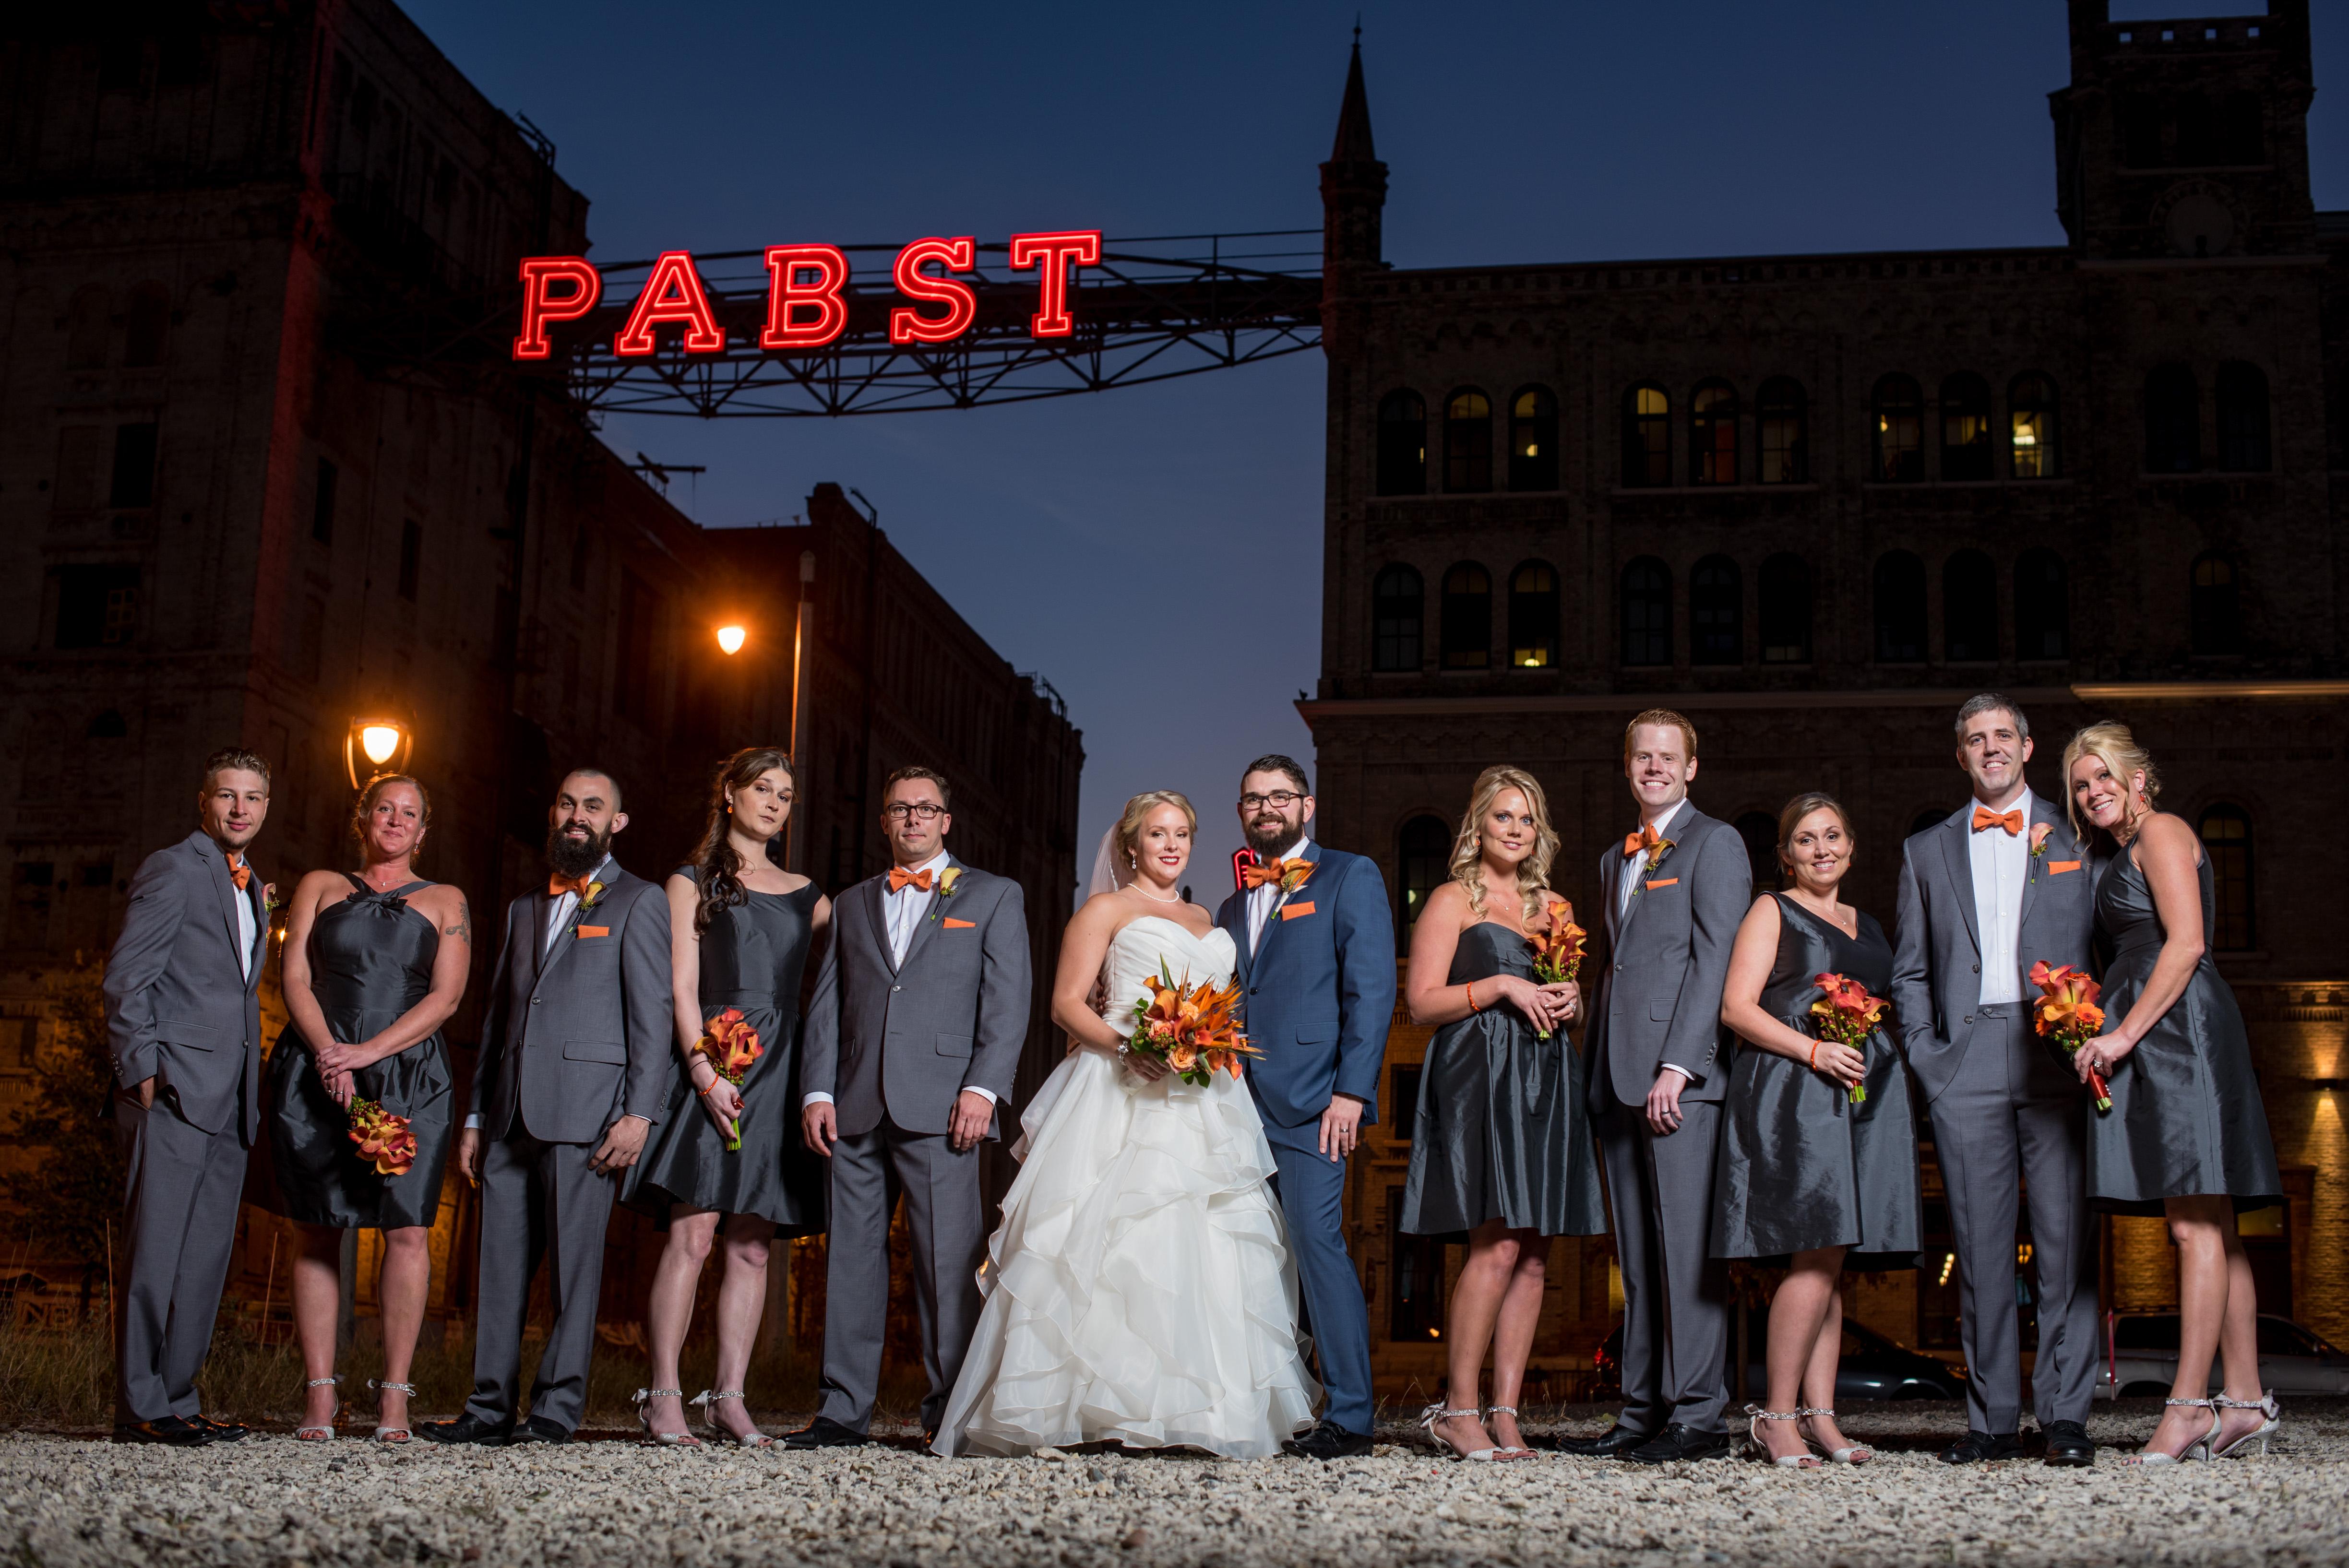 Milwaukee Wedding Photography-Jadon Good Photography_052